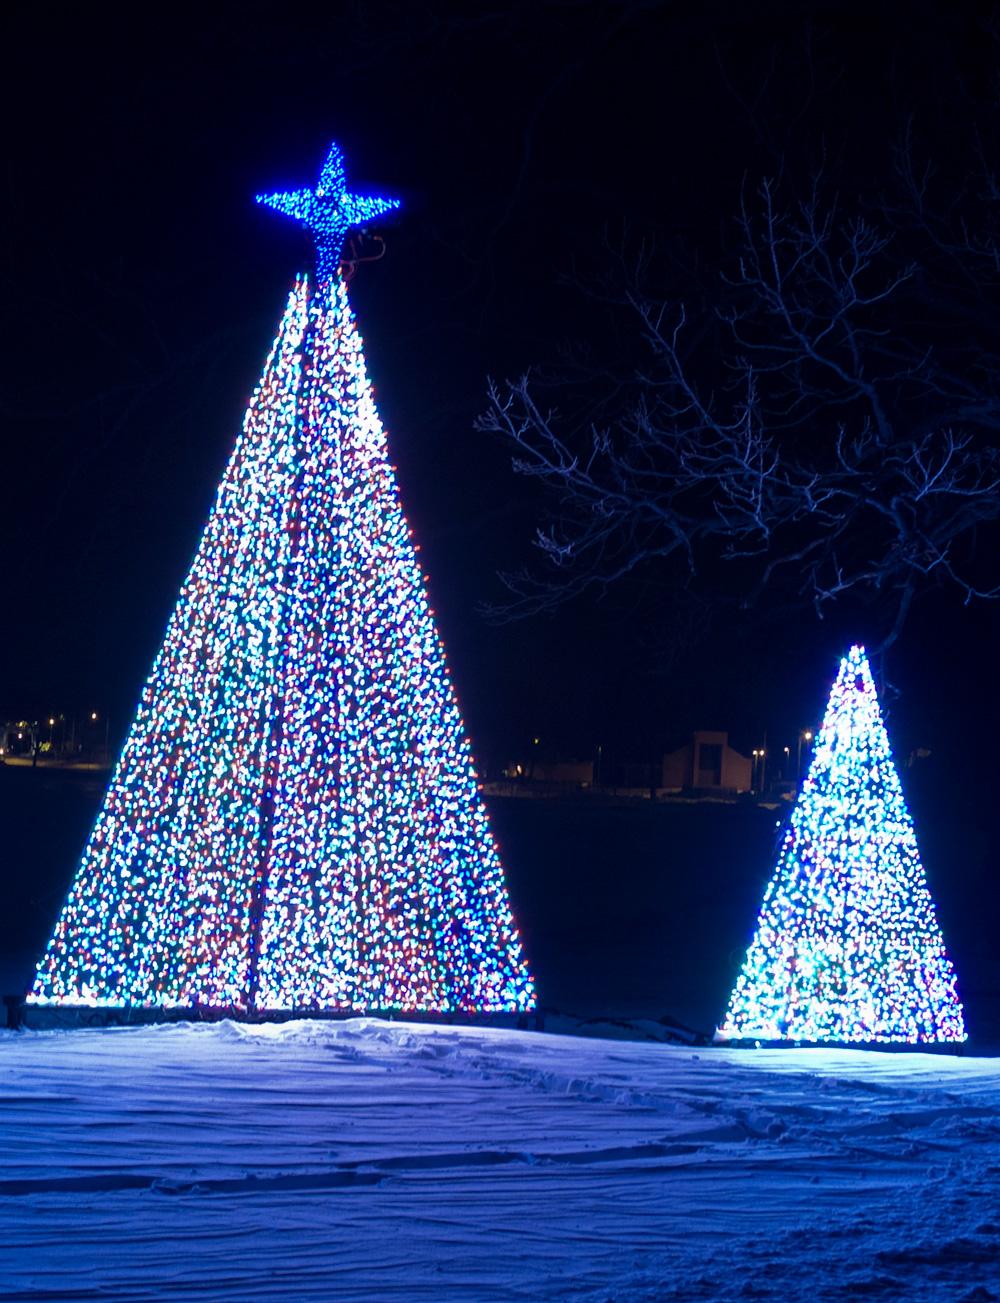 Oshkosh Celebration of Lights, Oshkosh